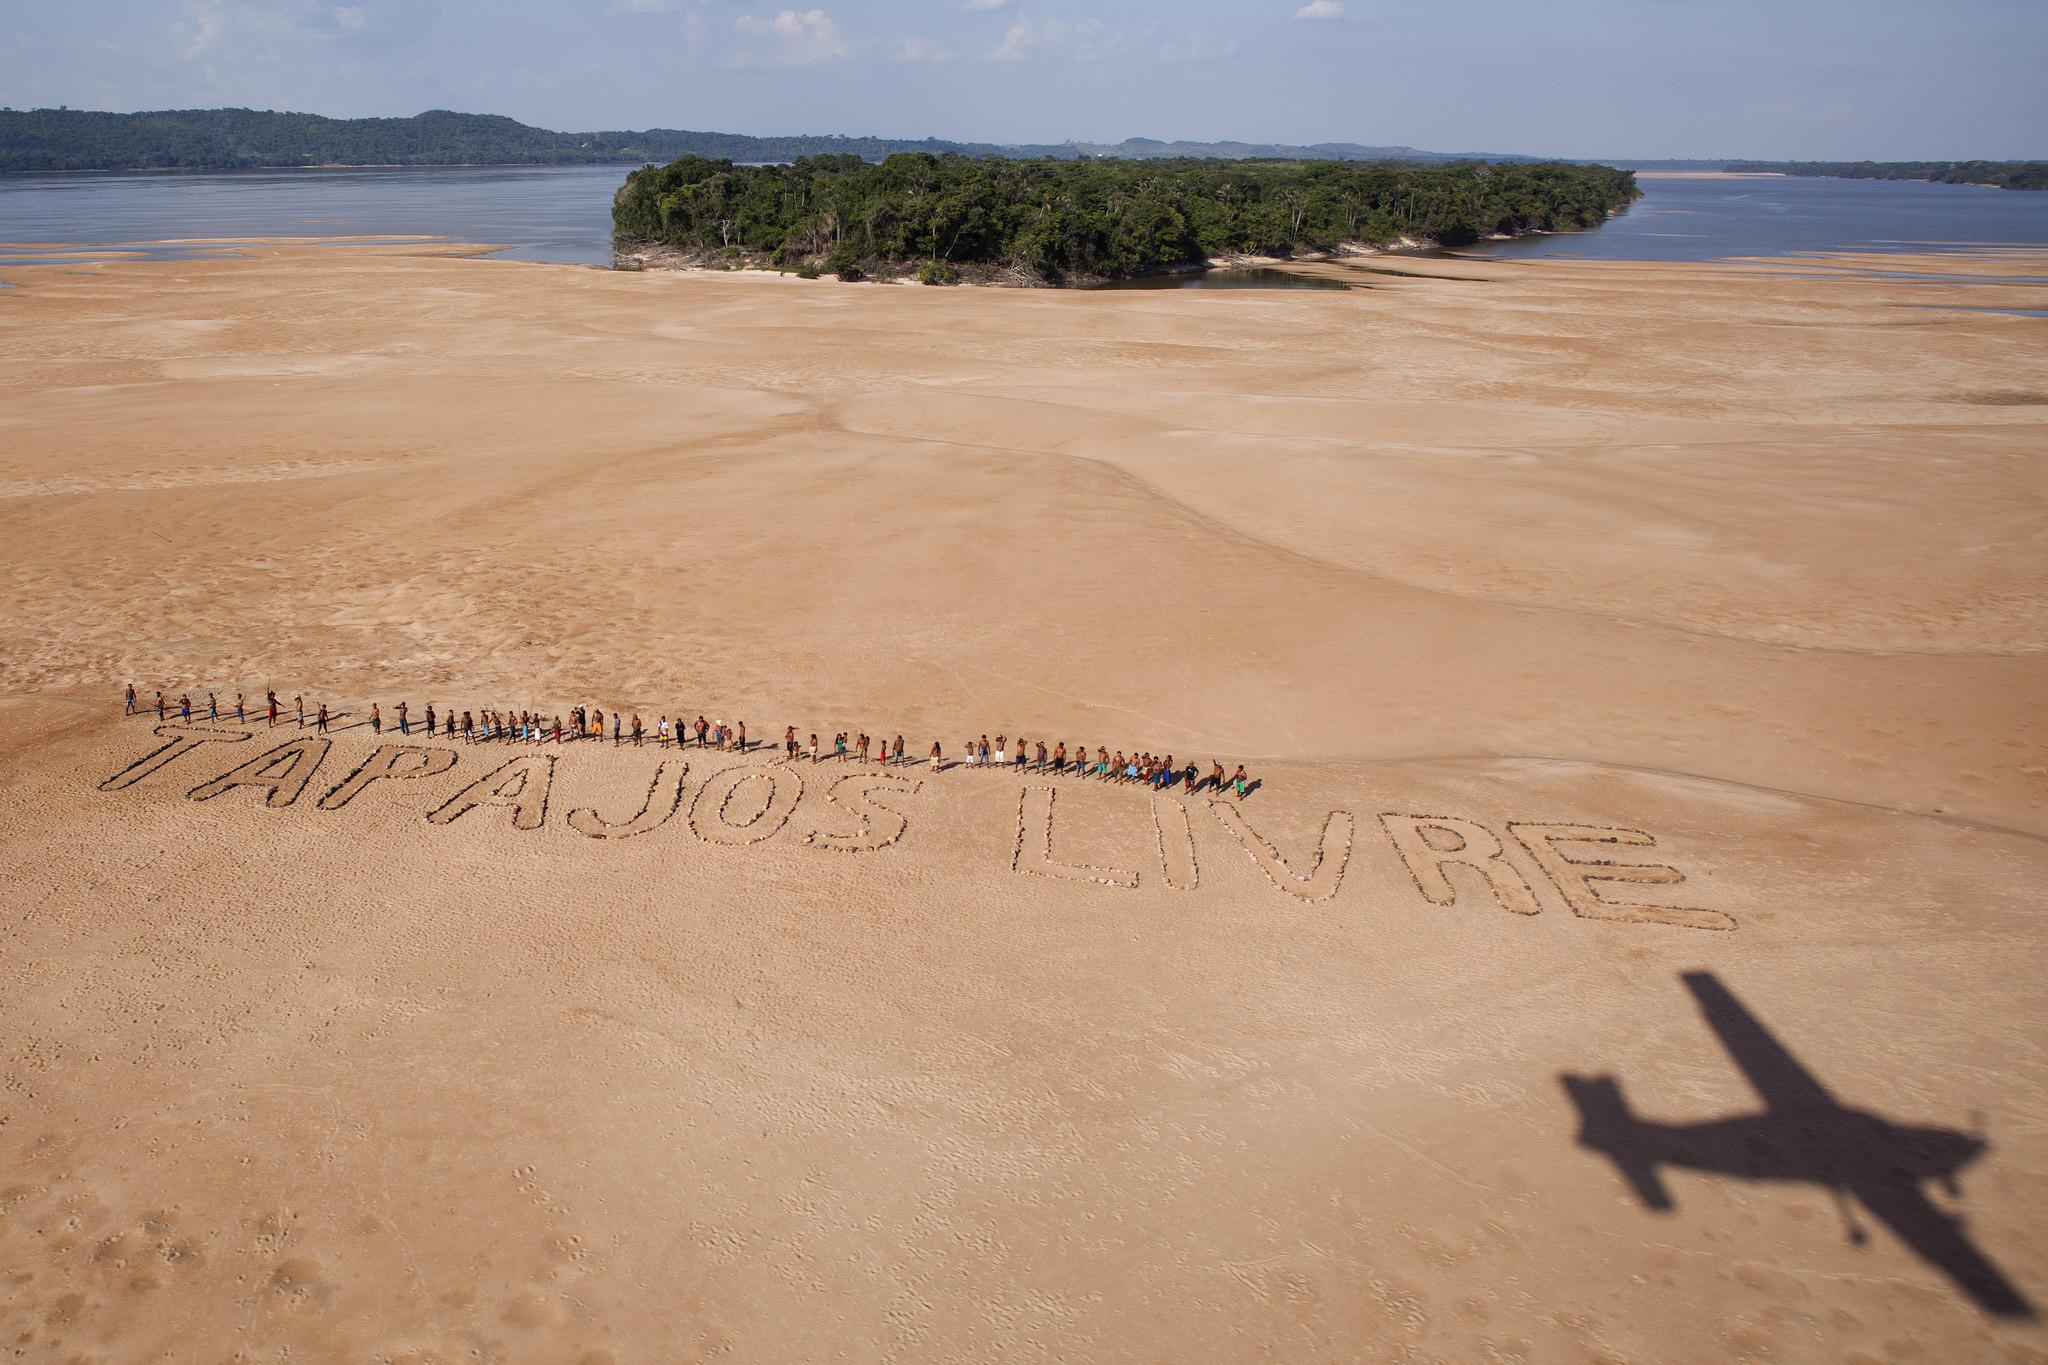 A Hidrelétrica de São Luiz do Tapajós: 19 – Um sistema enviesado de avaliação de impacto